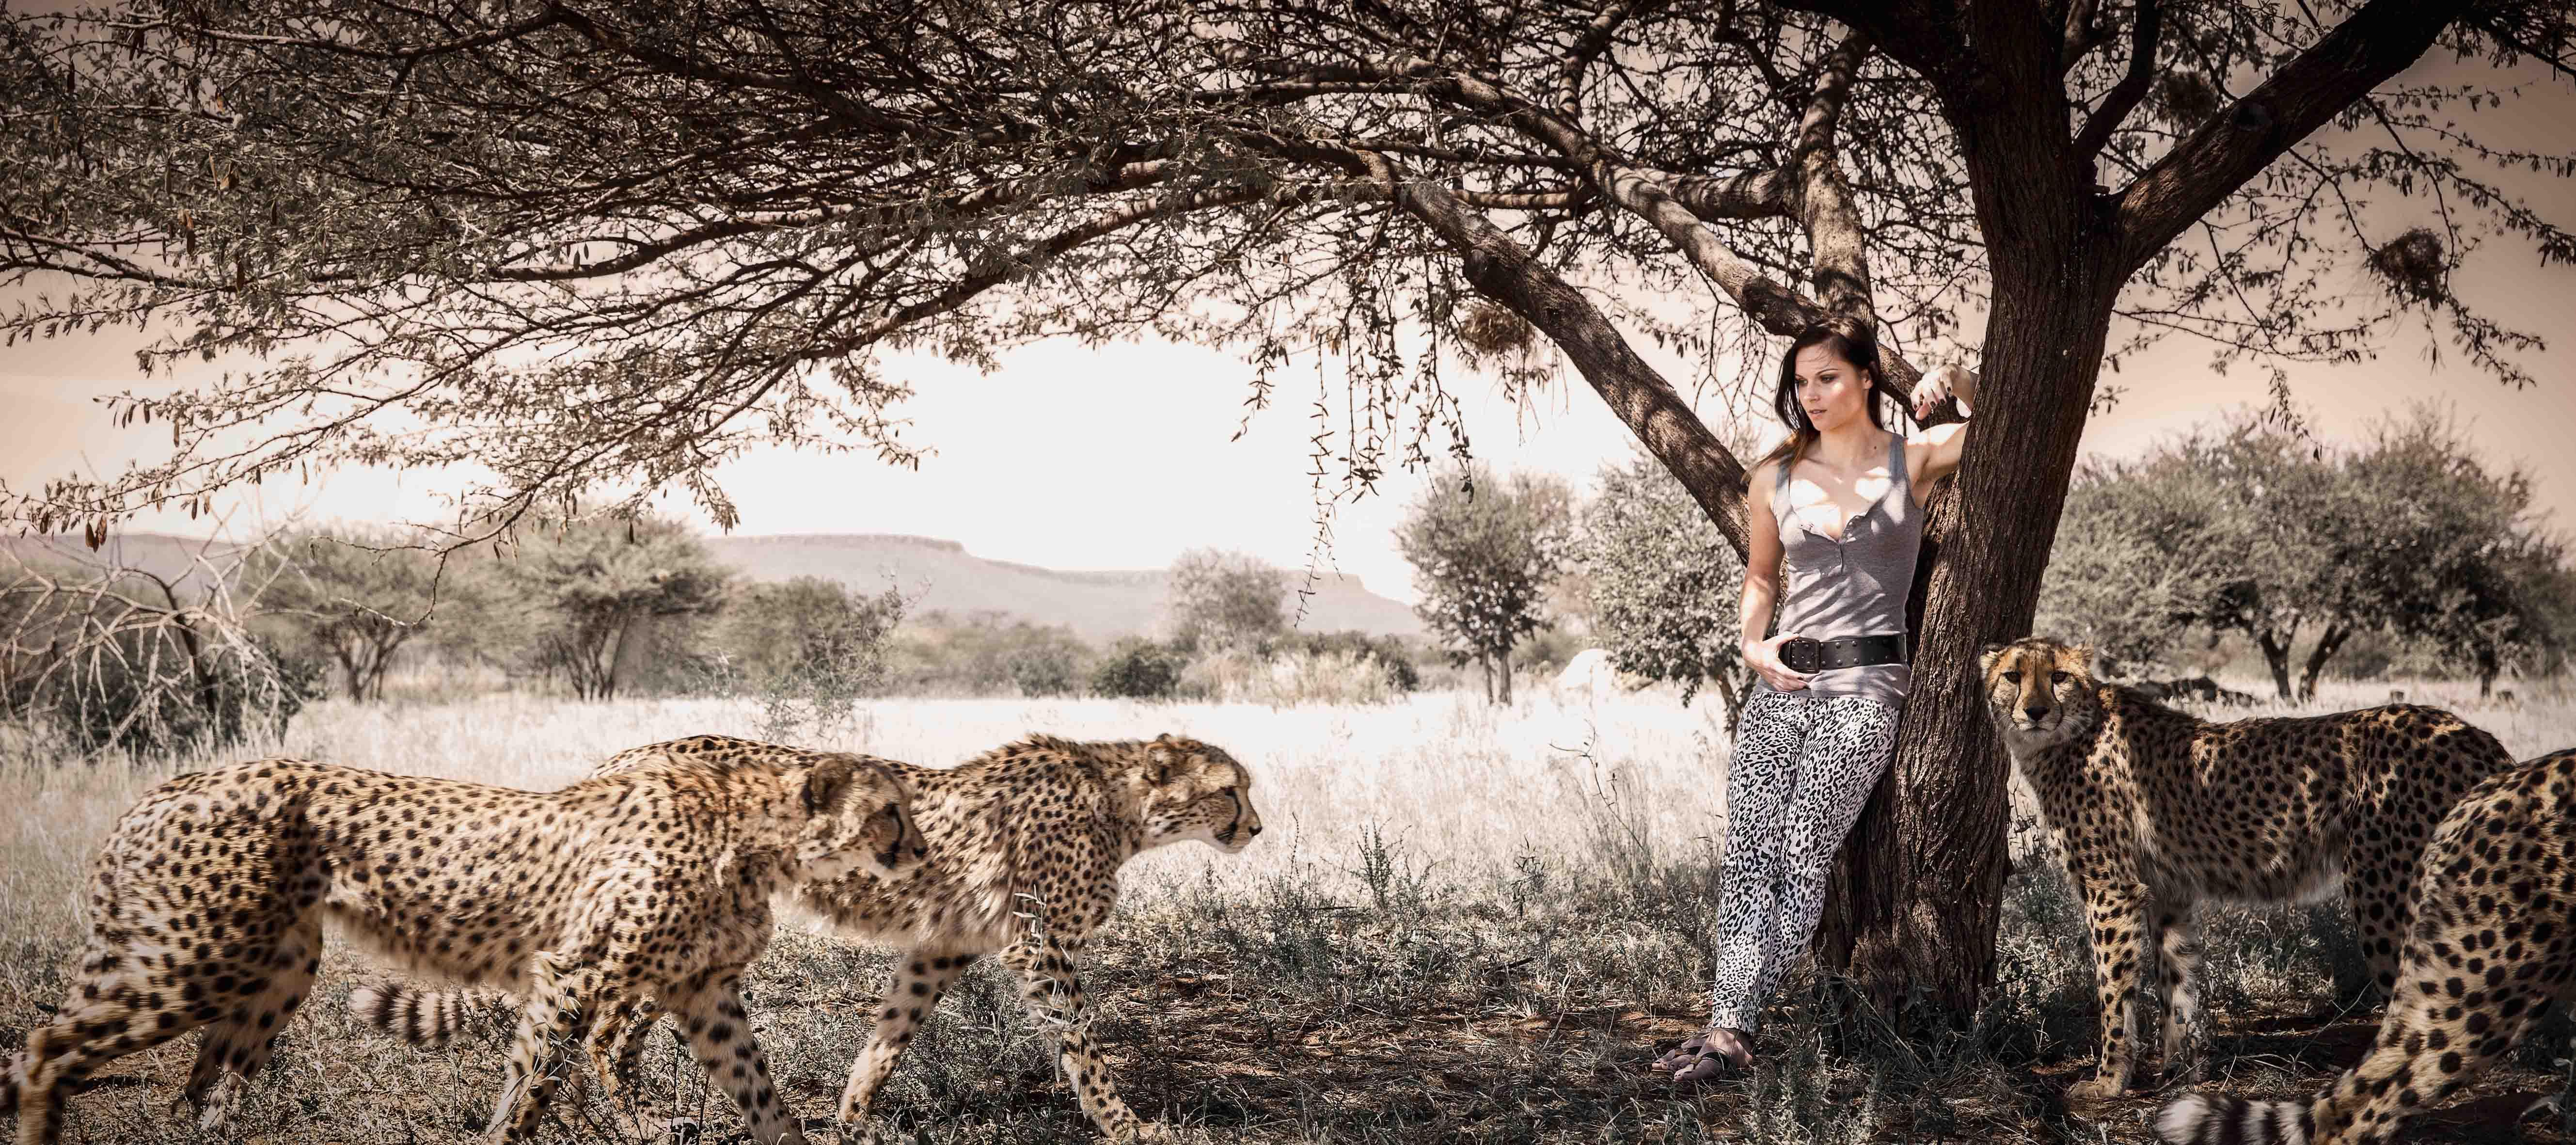 девушка с леопардом загрузить